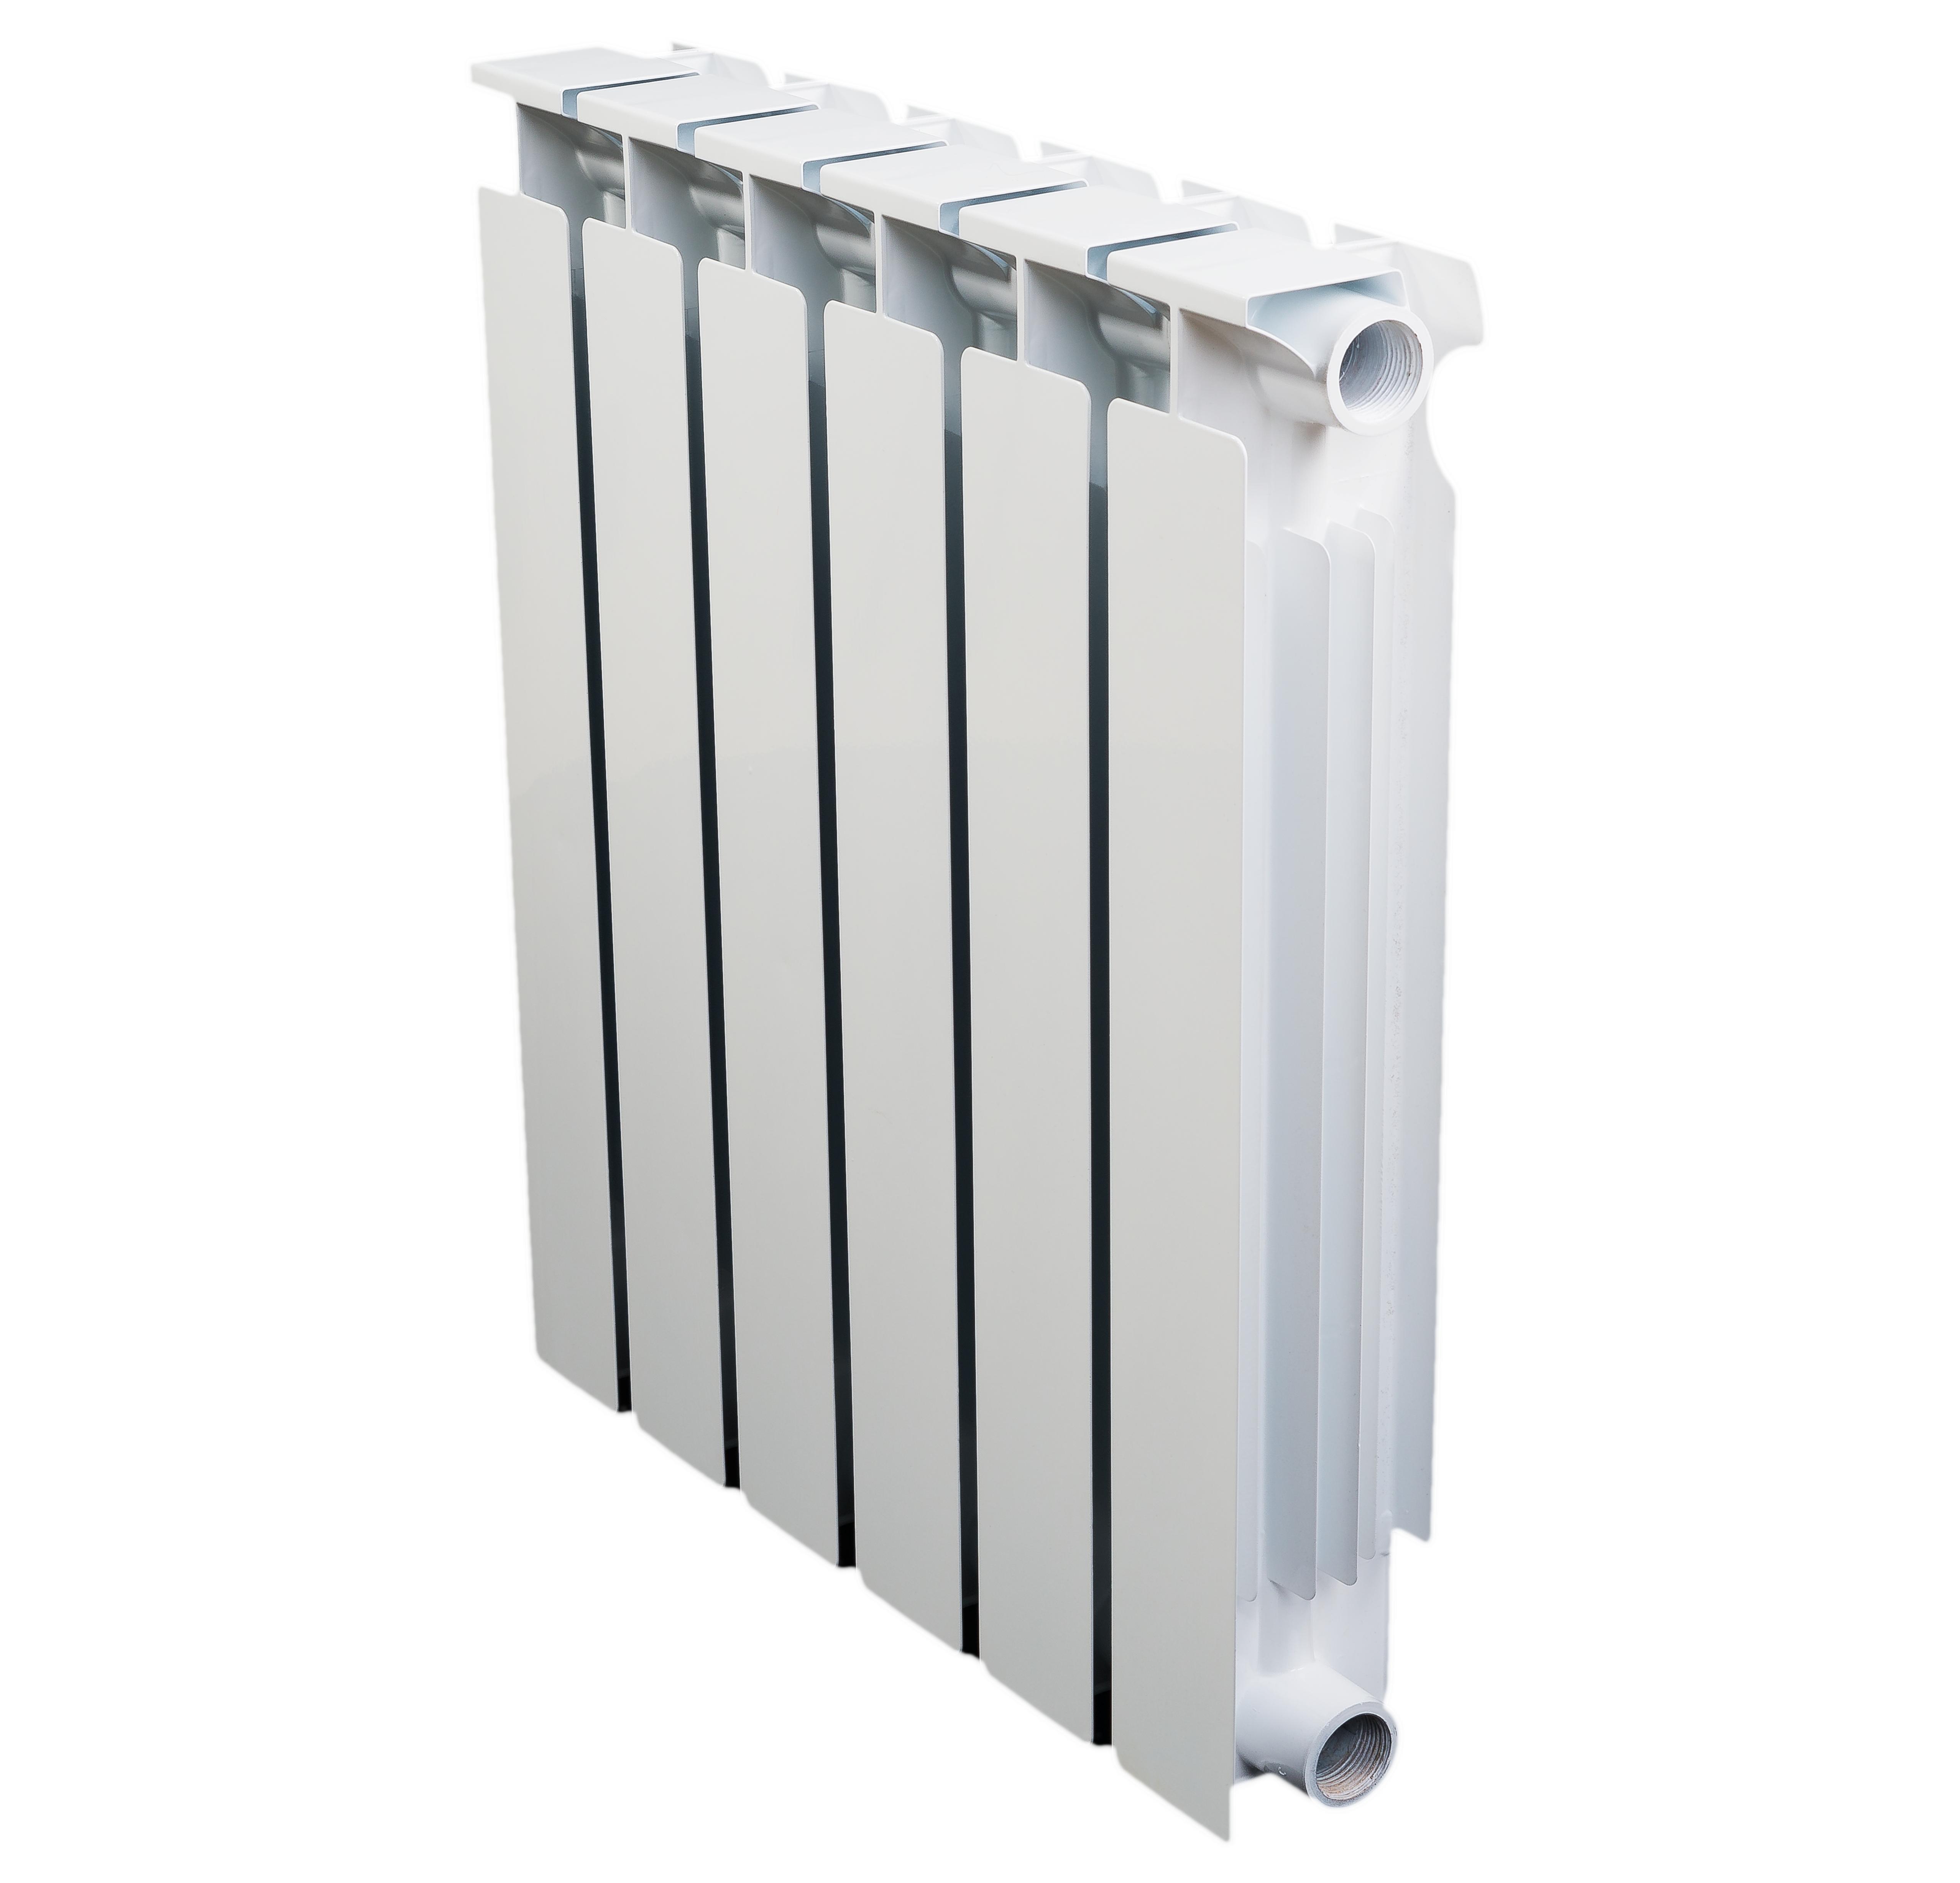 Радиатор биметаллический Алтермо 7 06 ракурс